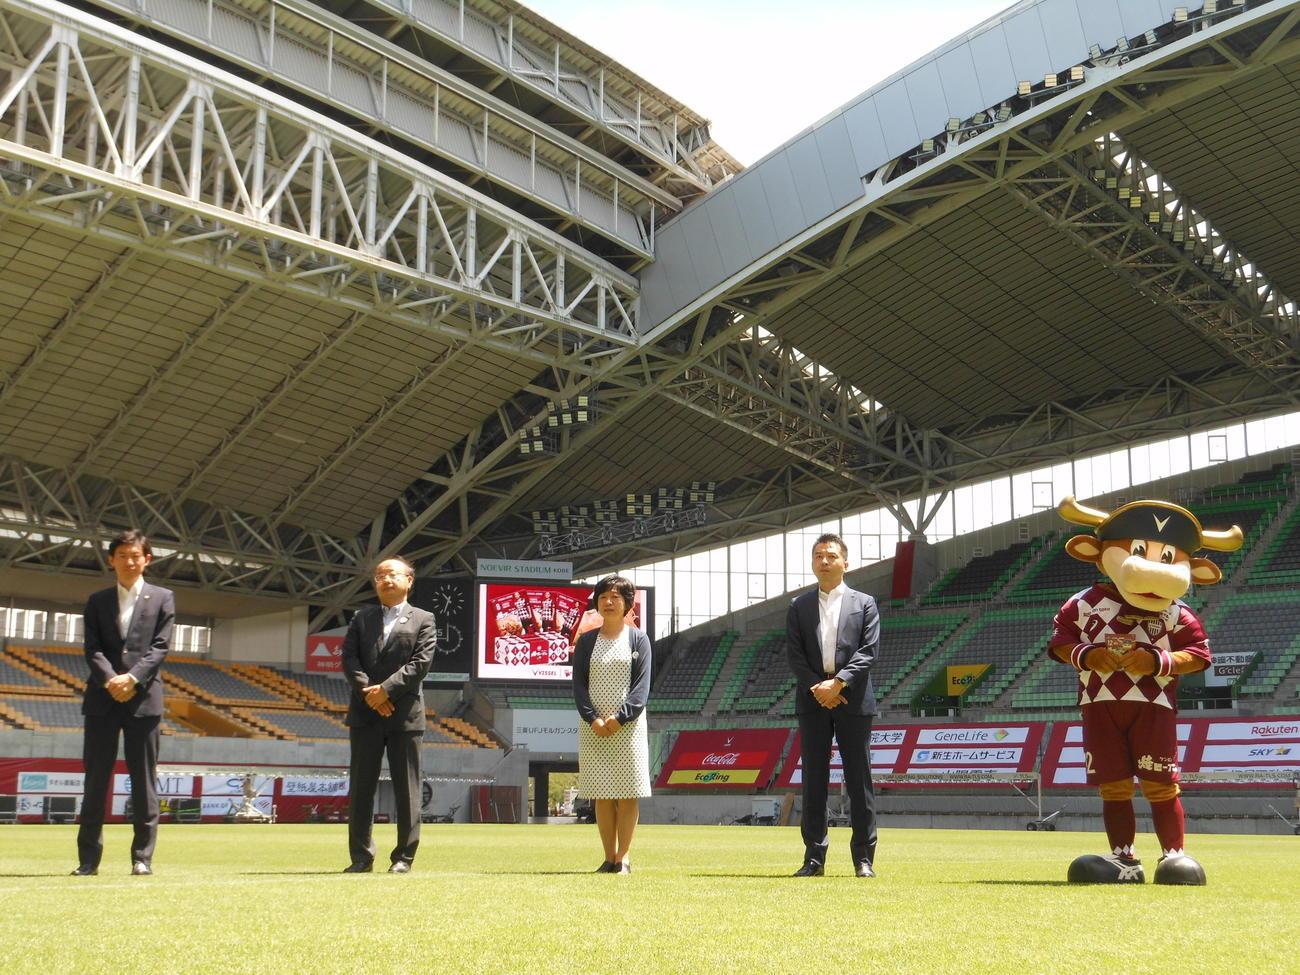 4日のJ1初戦を控えた神戸の本拠地ノエビアスタジアム神戸。芝生など最高の状態に整えられた